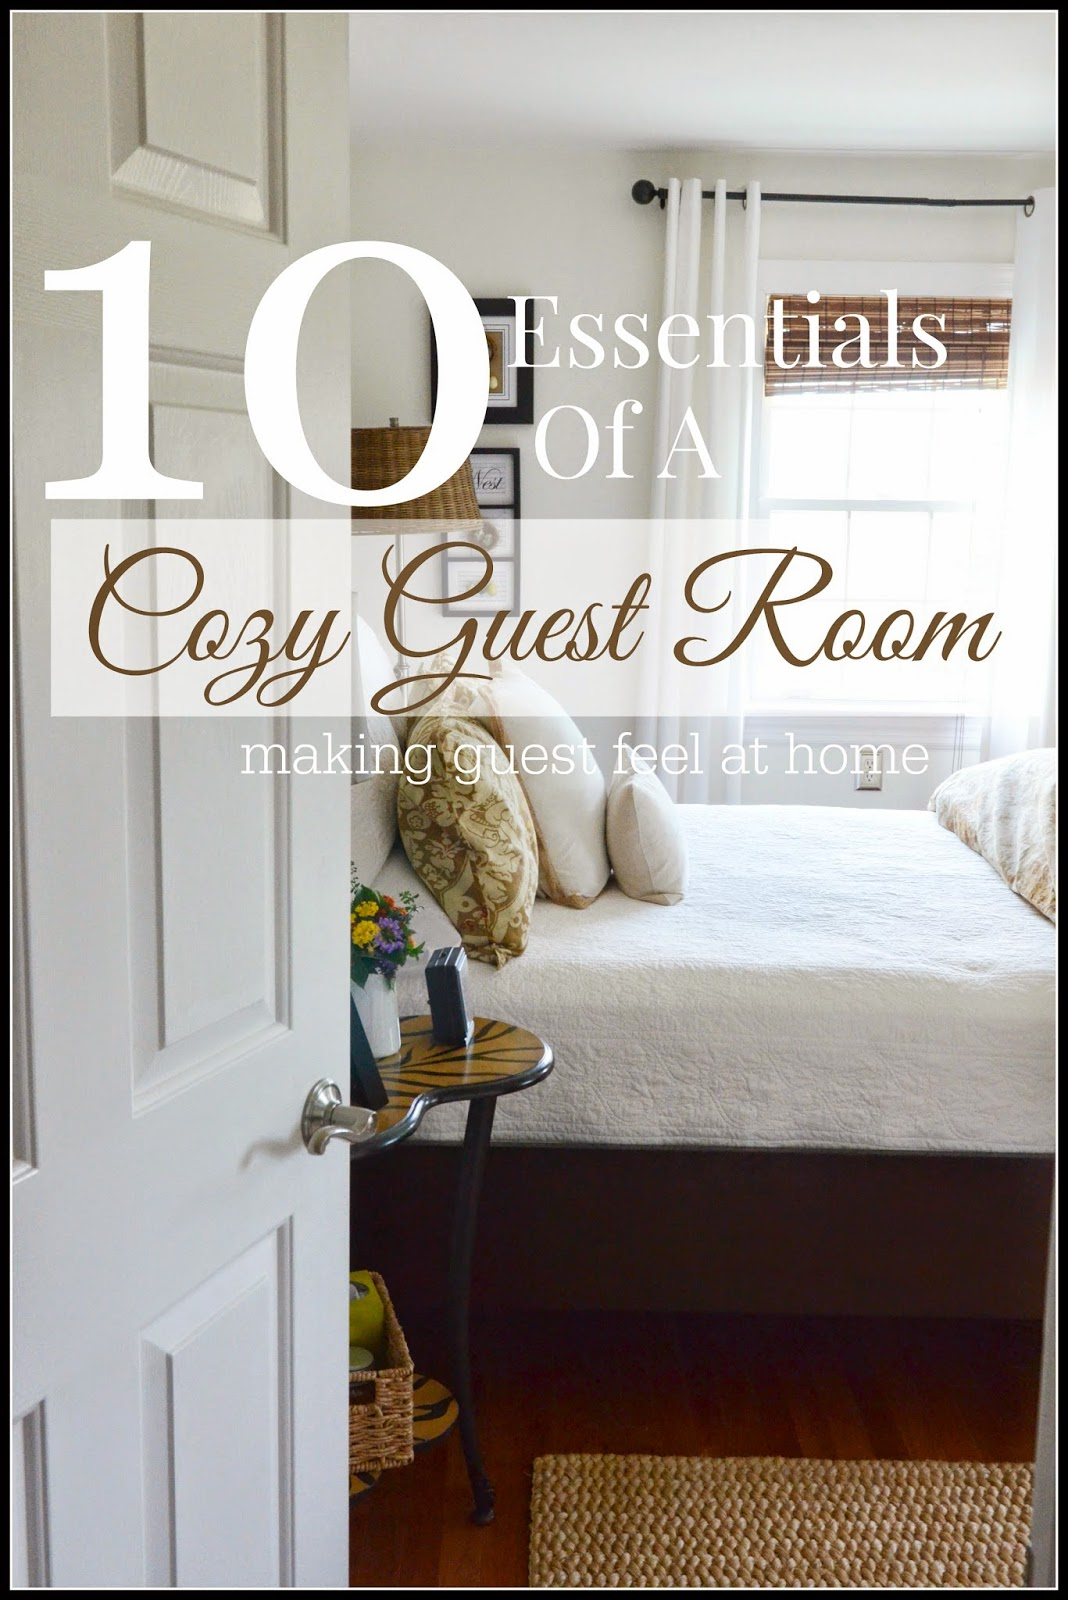 Ten Cozy Guest Room Essentials